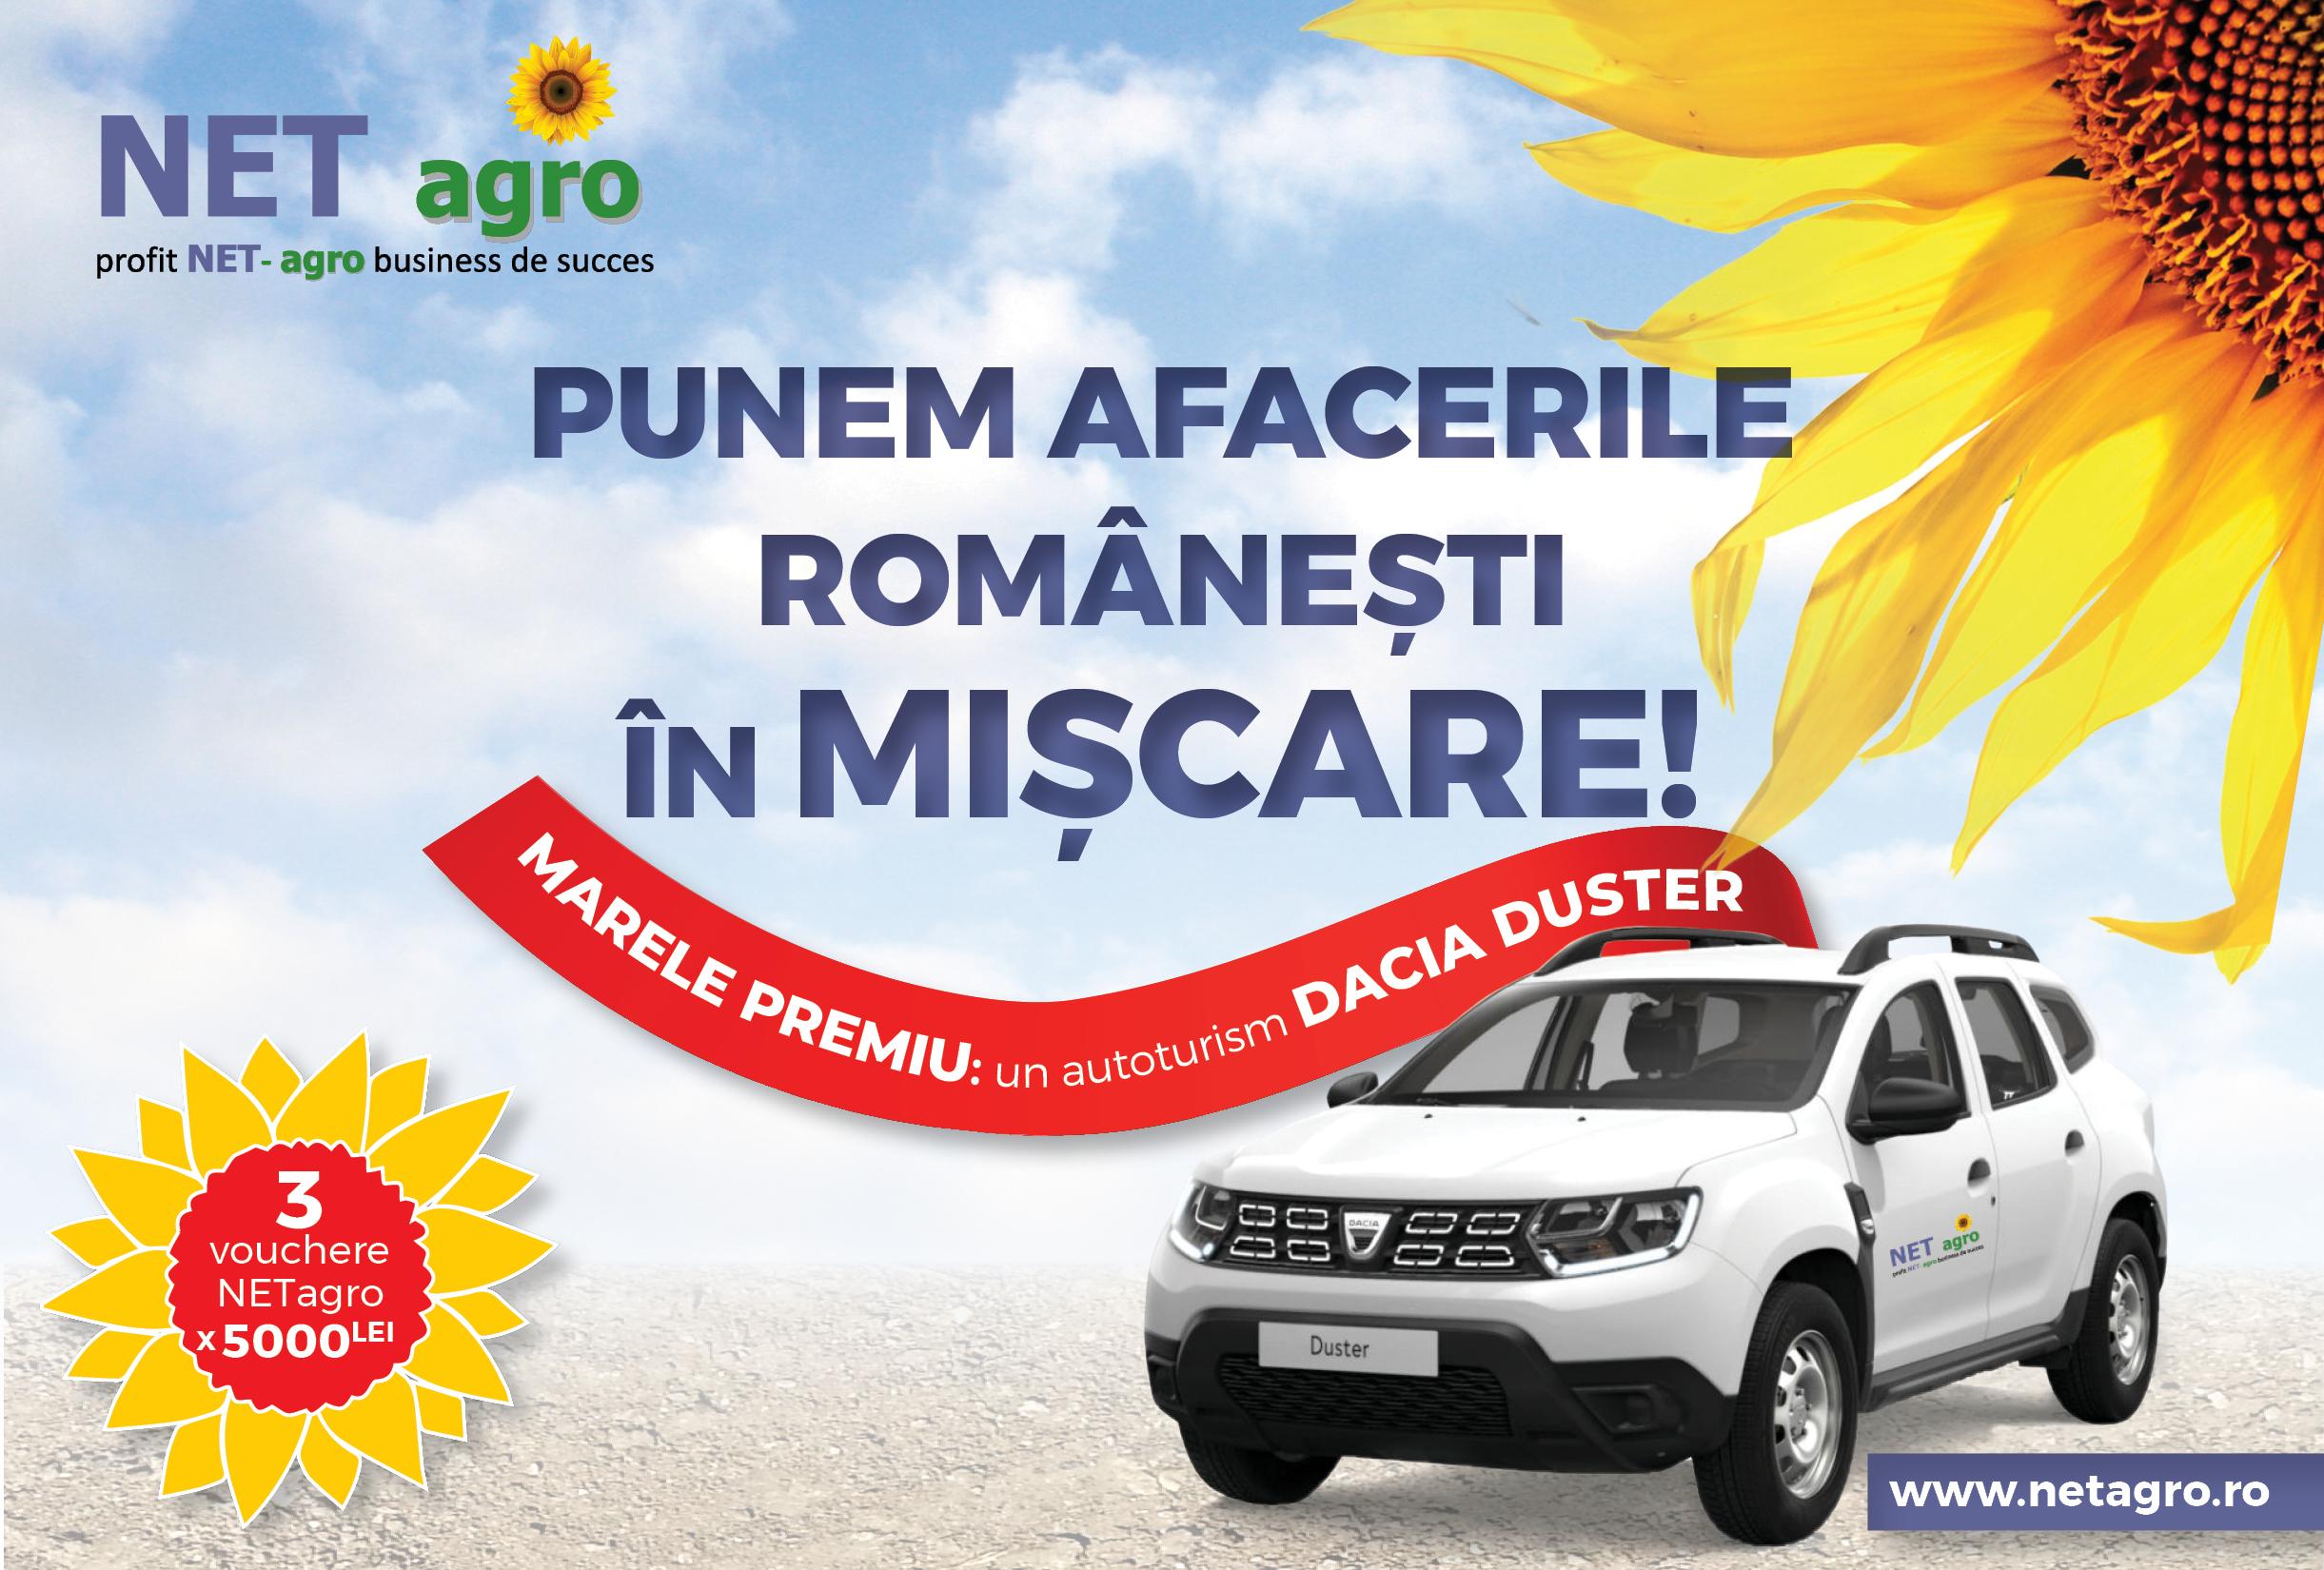 """Concursul NETagro """"Punem afacerile românești în mișcare!"""" a luat start"""